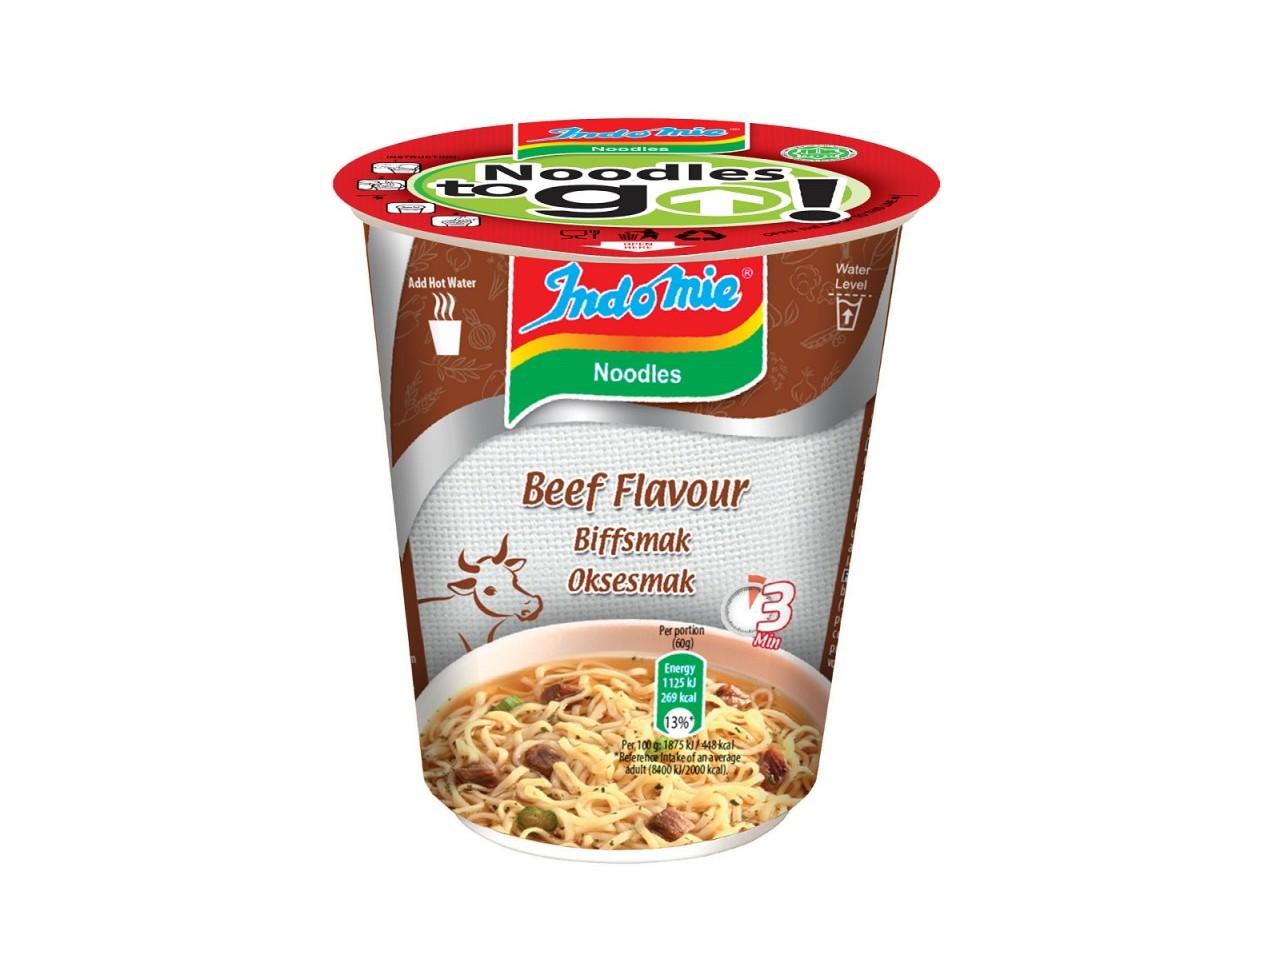 Indomie cup noodles Beef flavour